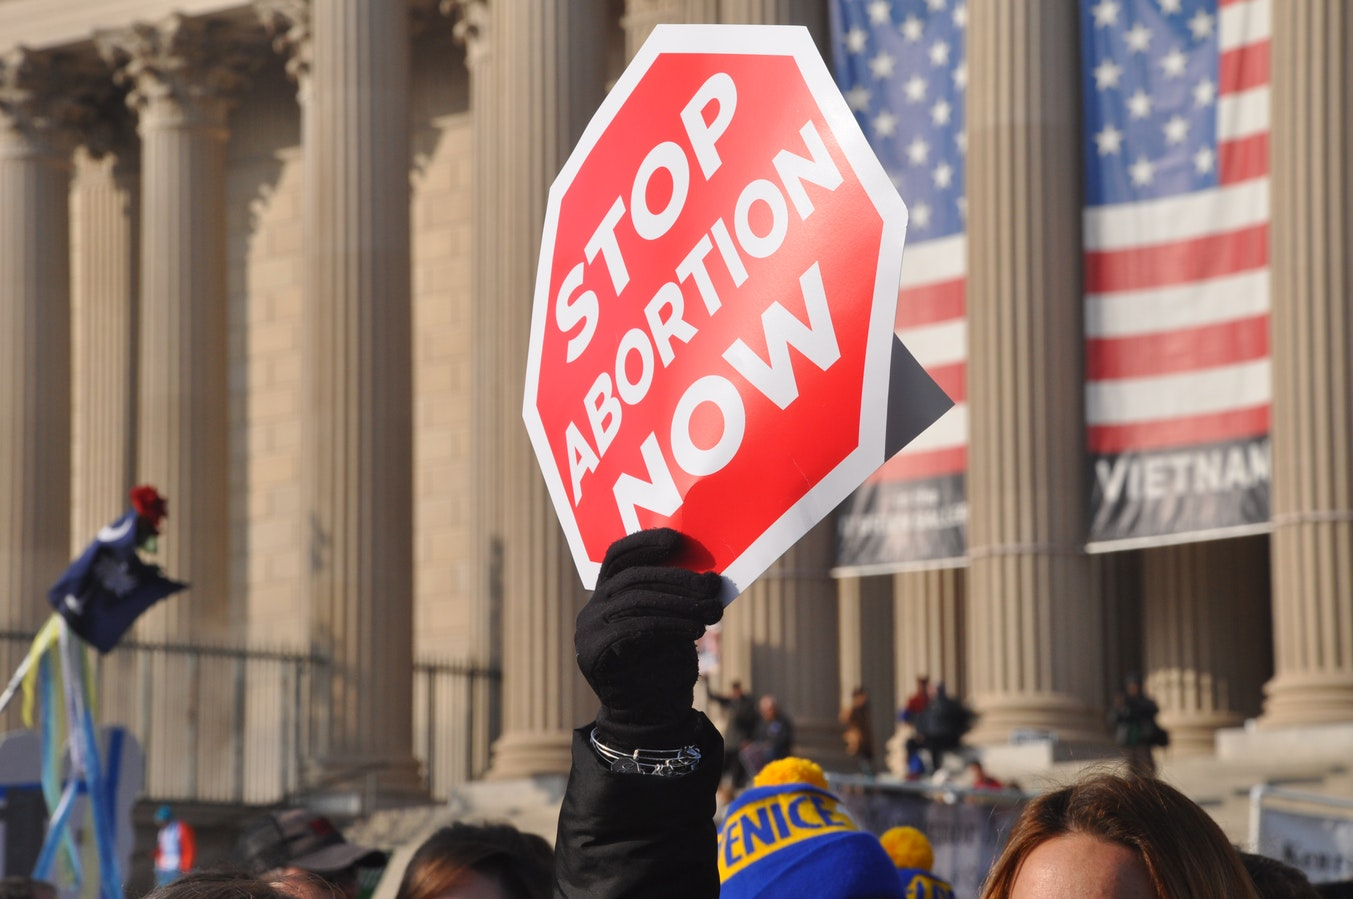 Louisiana contro l'aborto